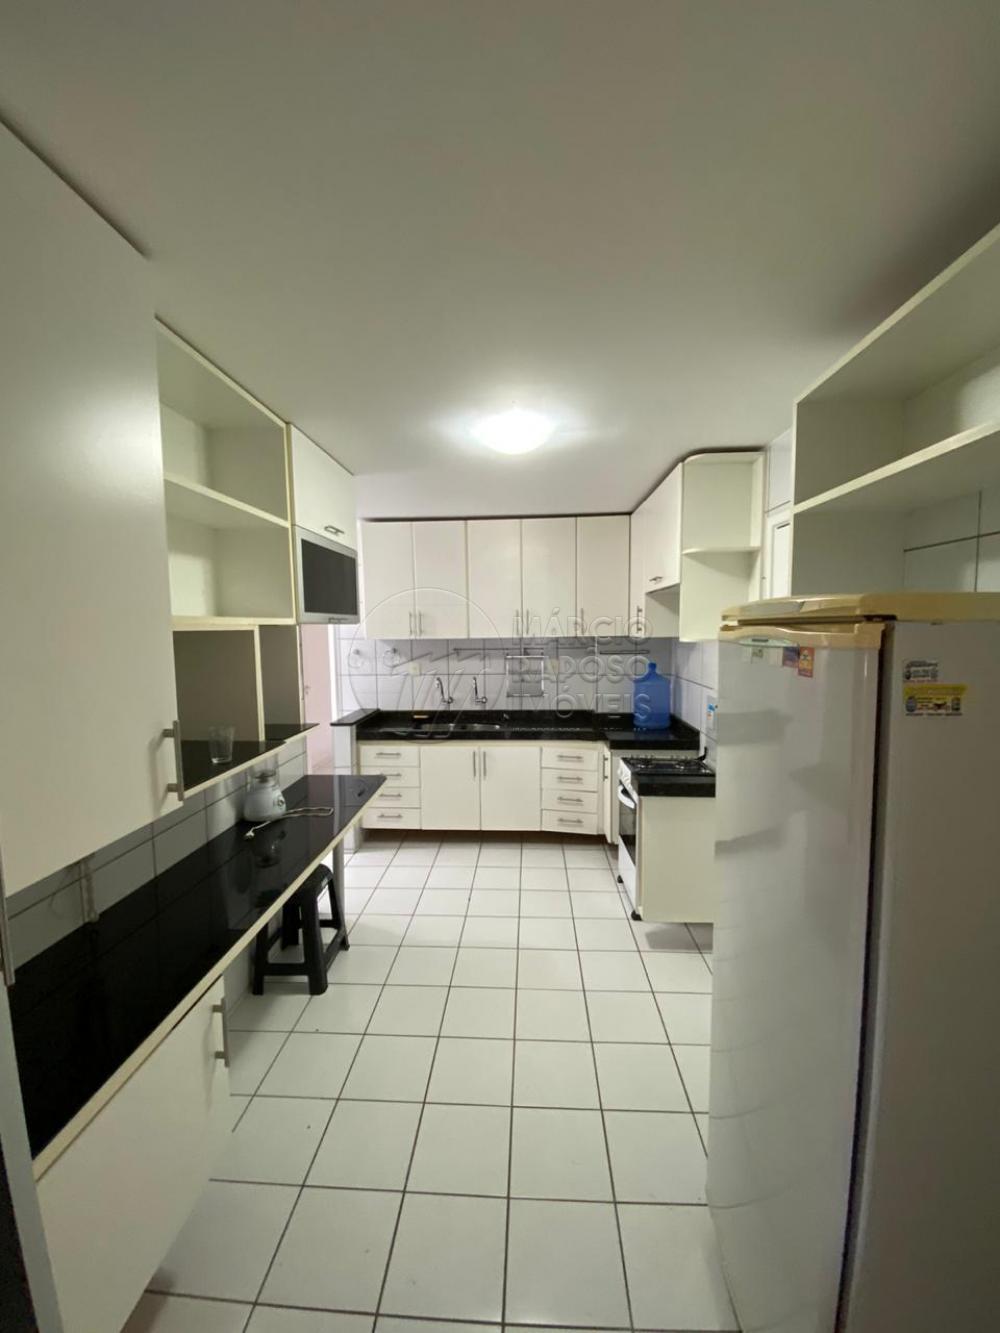 Edf. Príncipe das Astúrias  apartamento de 133m² para venda  possui: - 03 Quartos sendo (02 suítes); - Dce; - Completo de móveis fixos e iluminação.